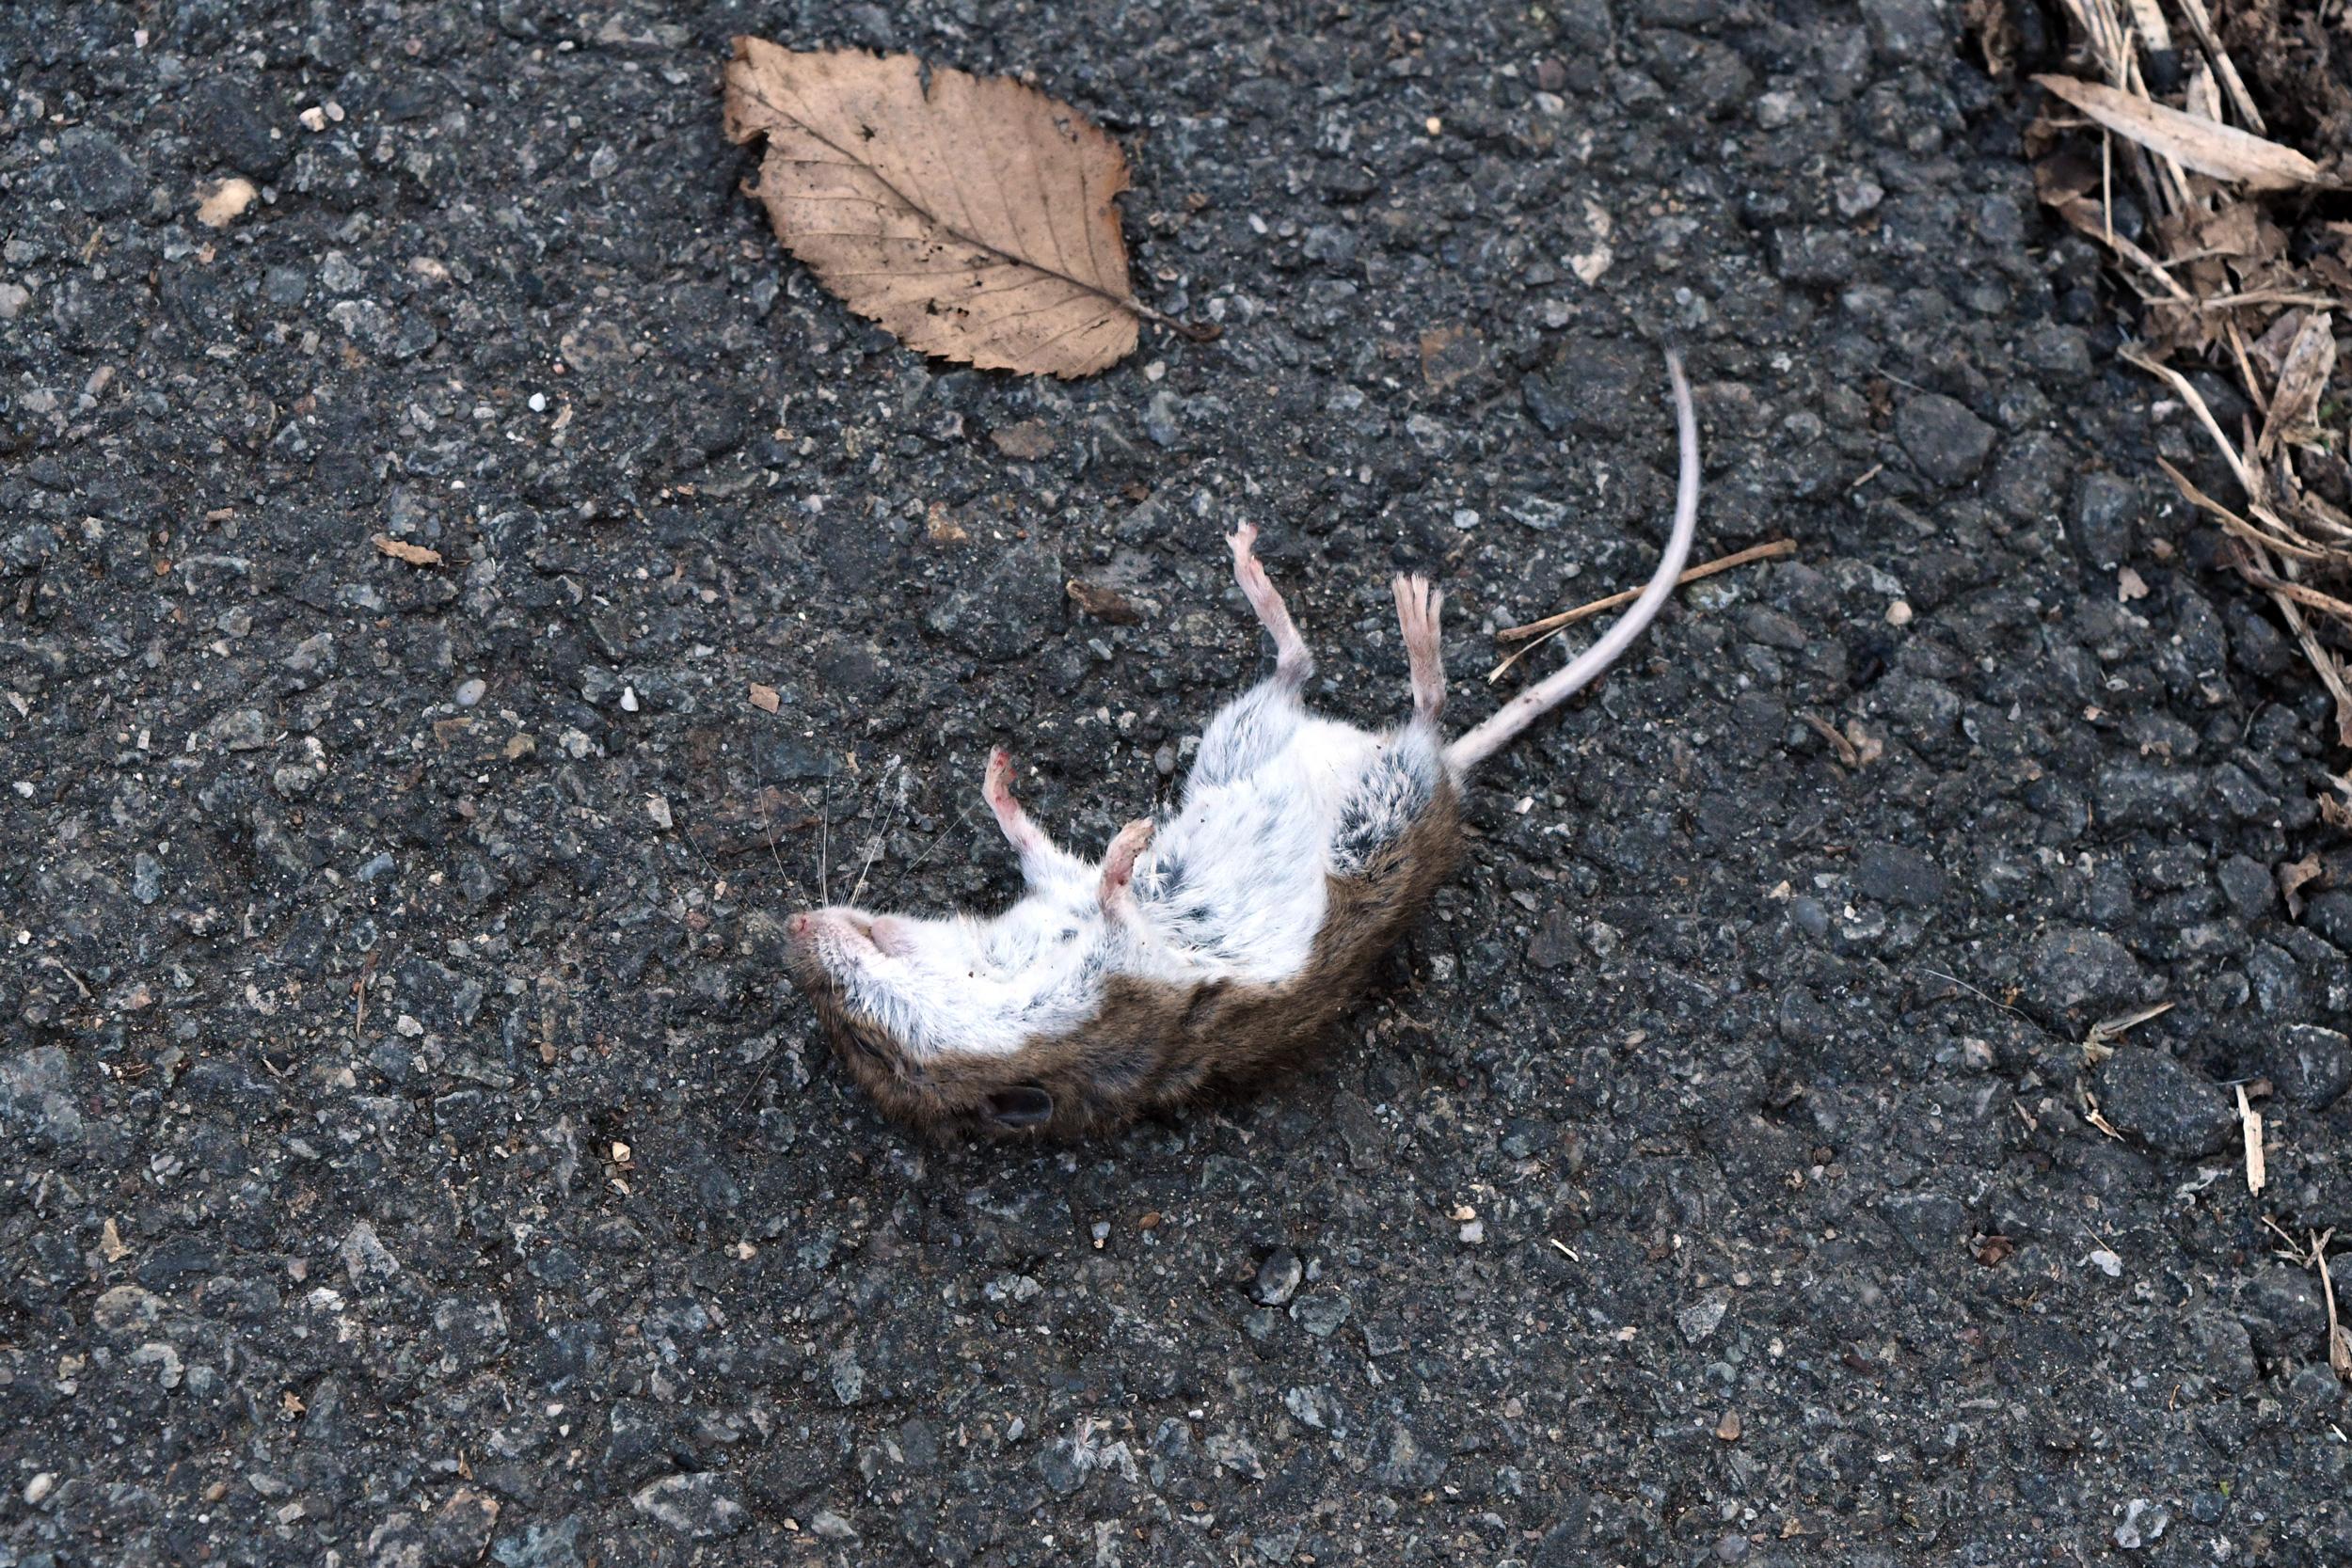 Dead mouse, Prospect Park